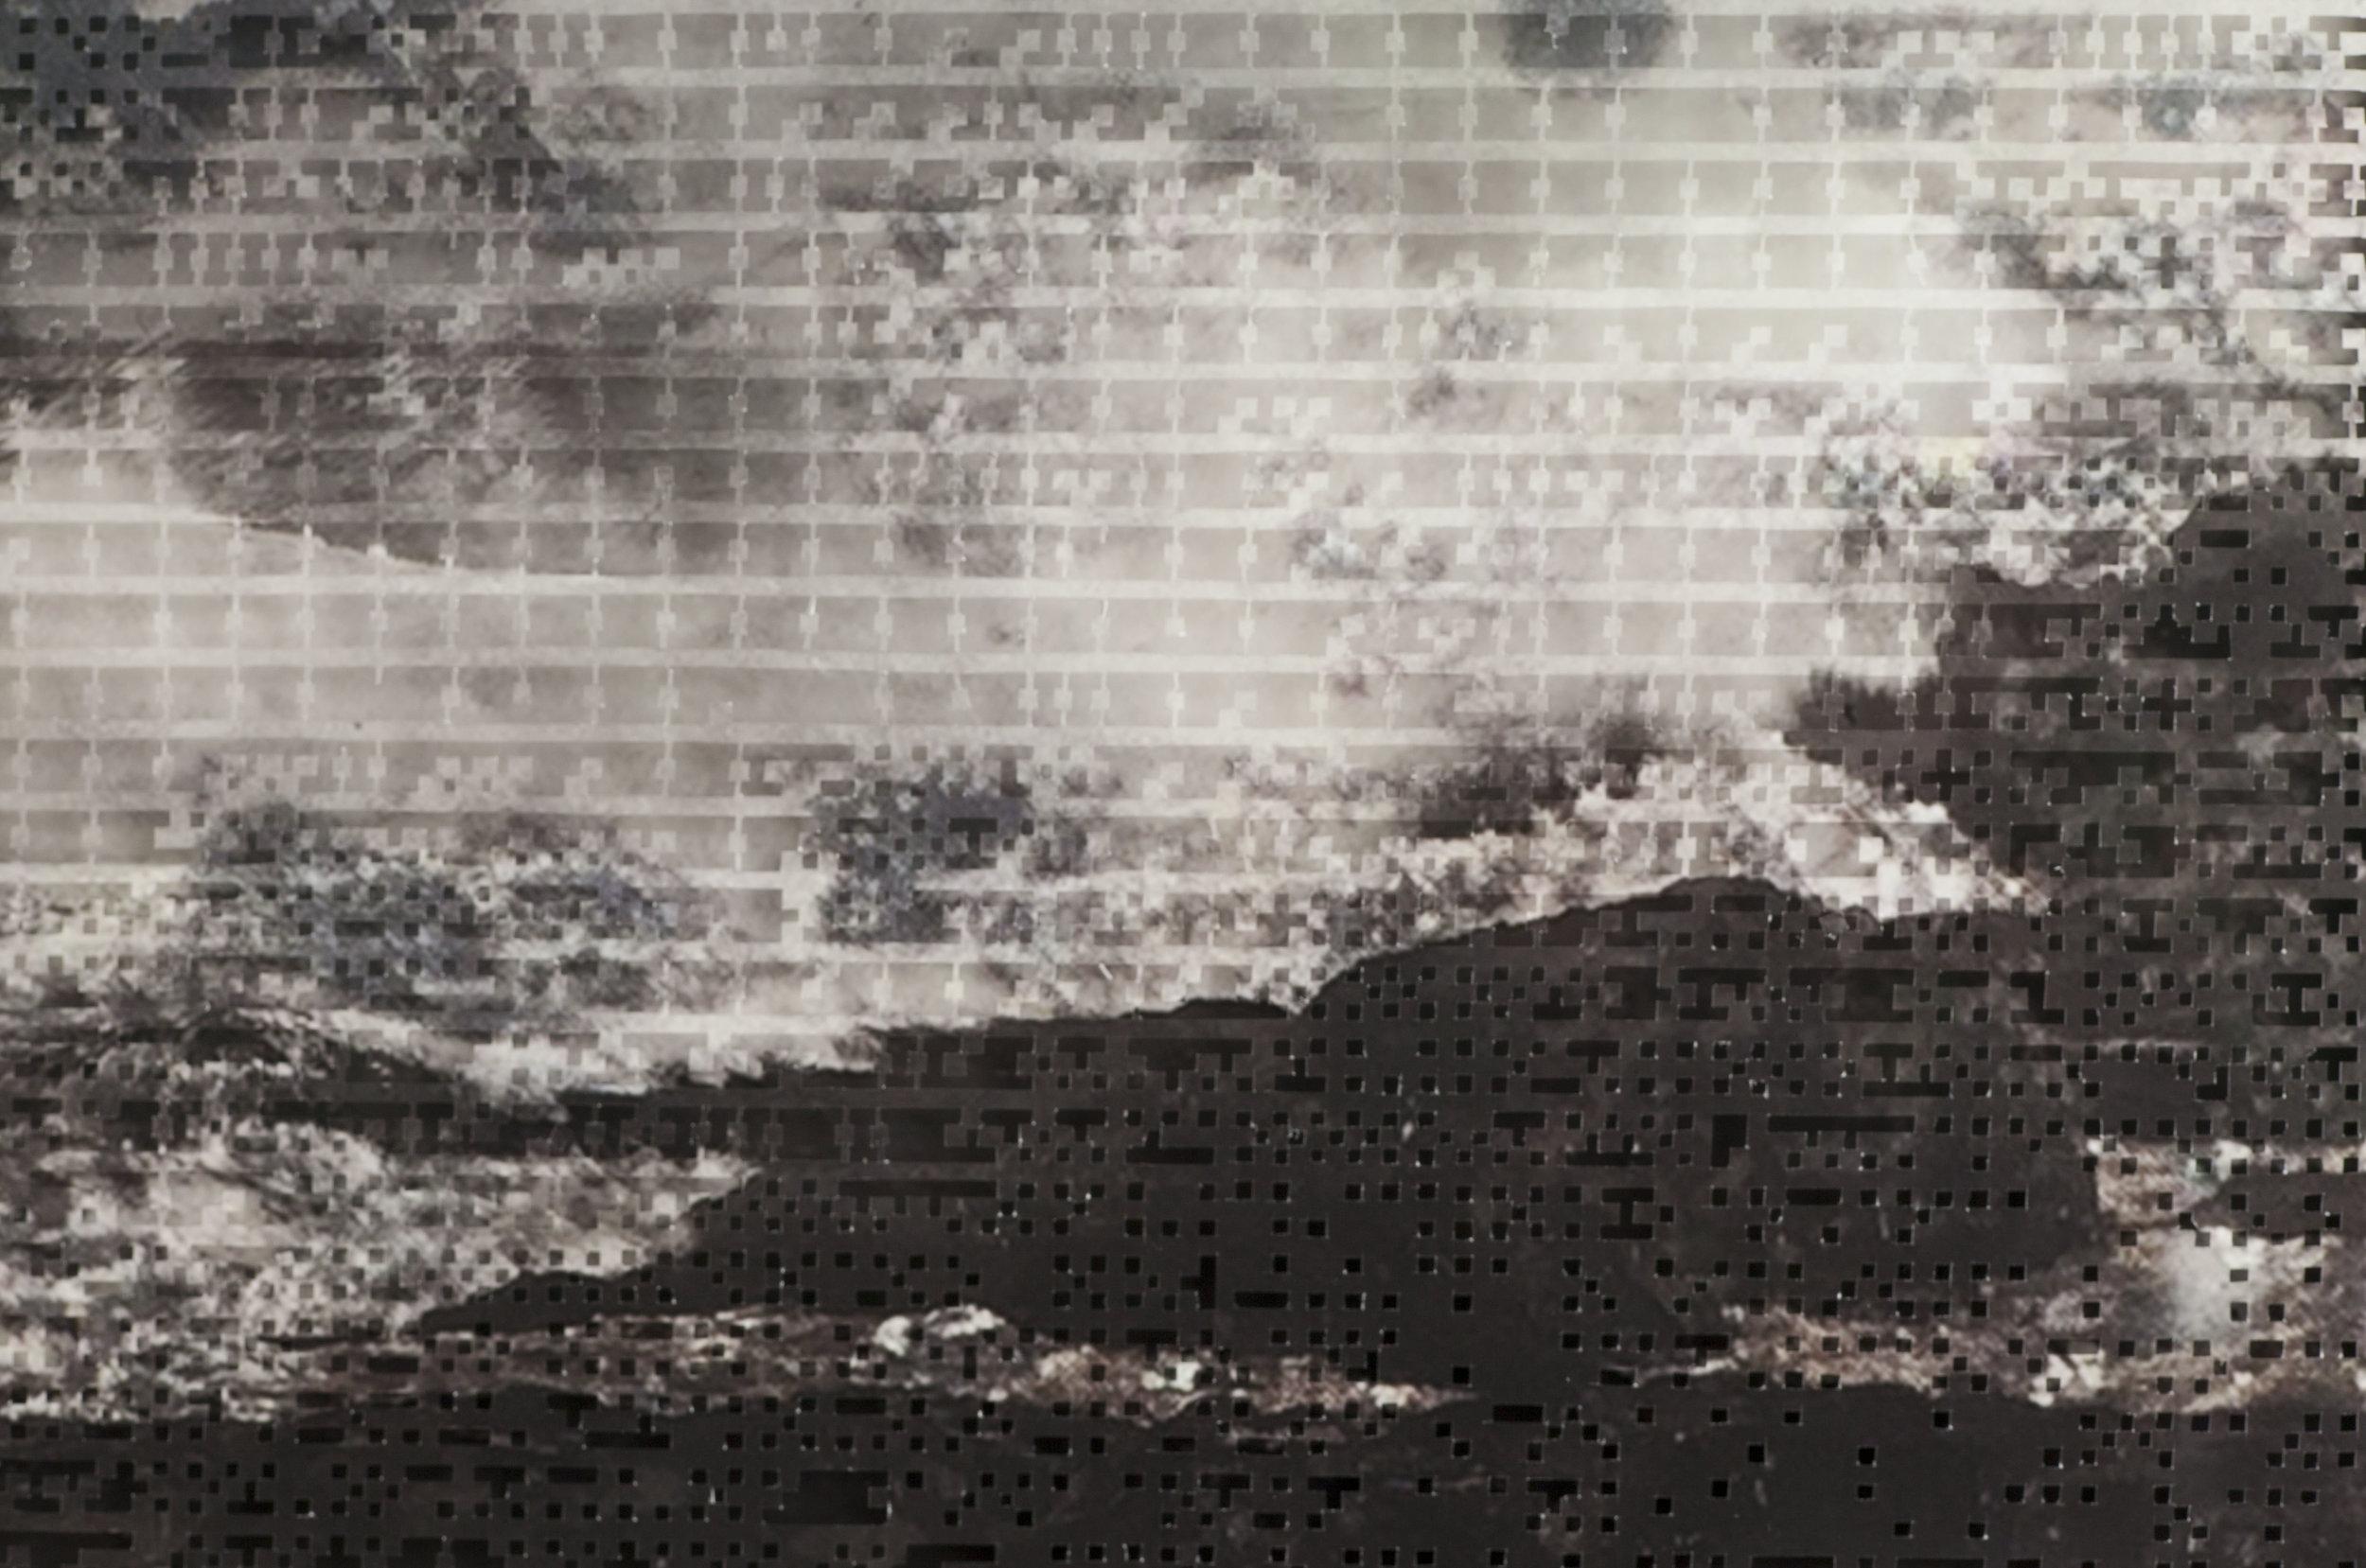 Crashing Waves I (detail)